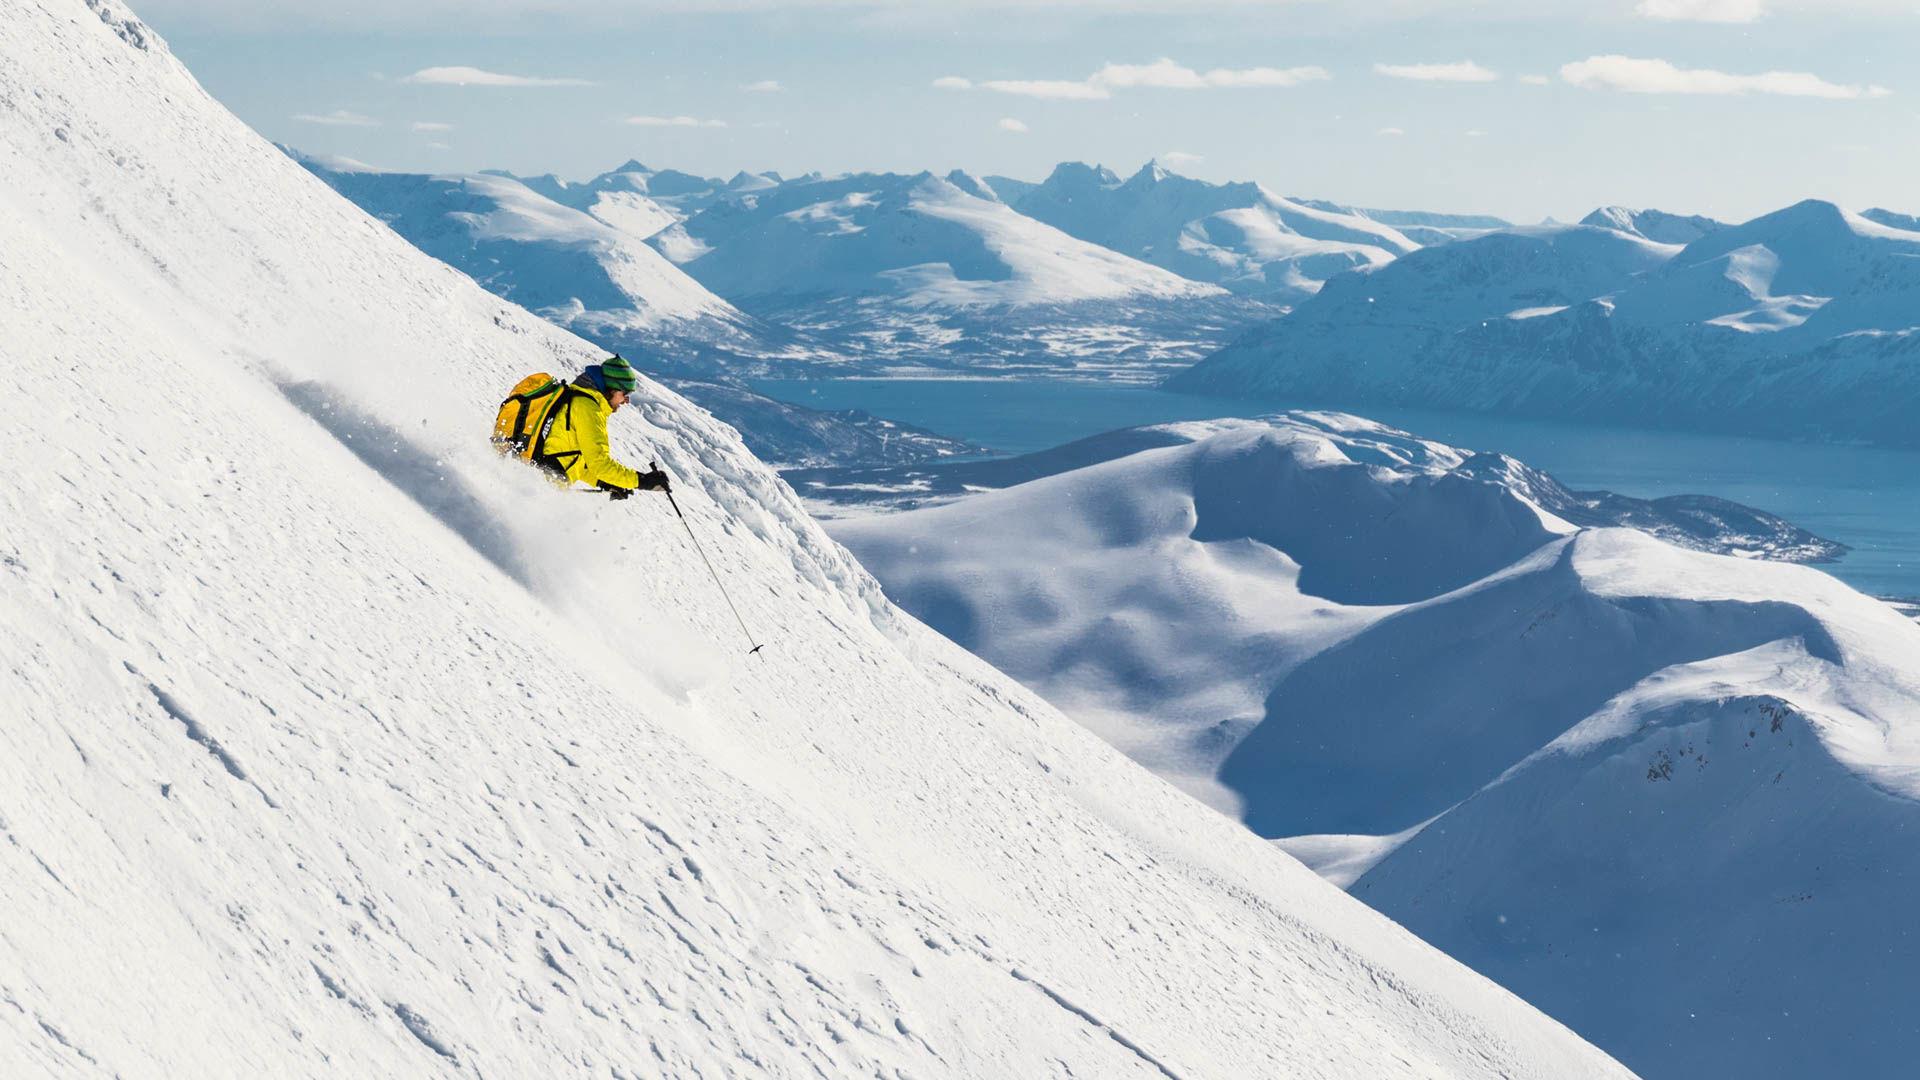 Traum Abfahrt In Den Lyngen Alpen Skitouren In Norwegen Mit Dem Schiff